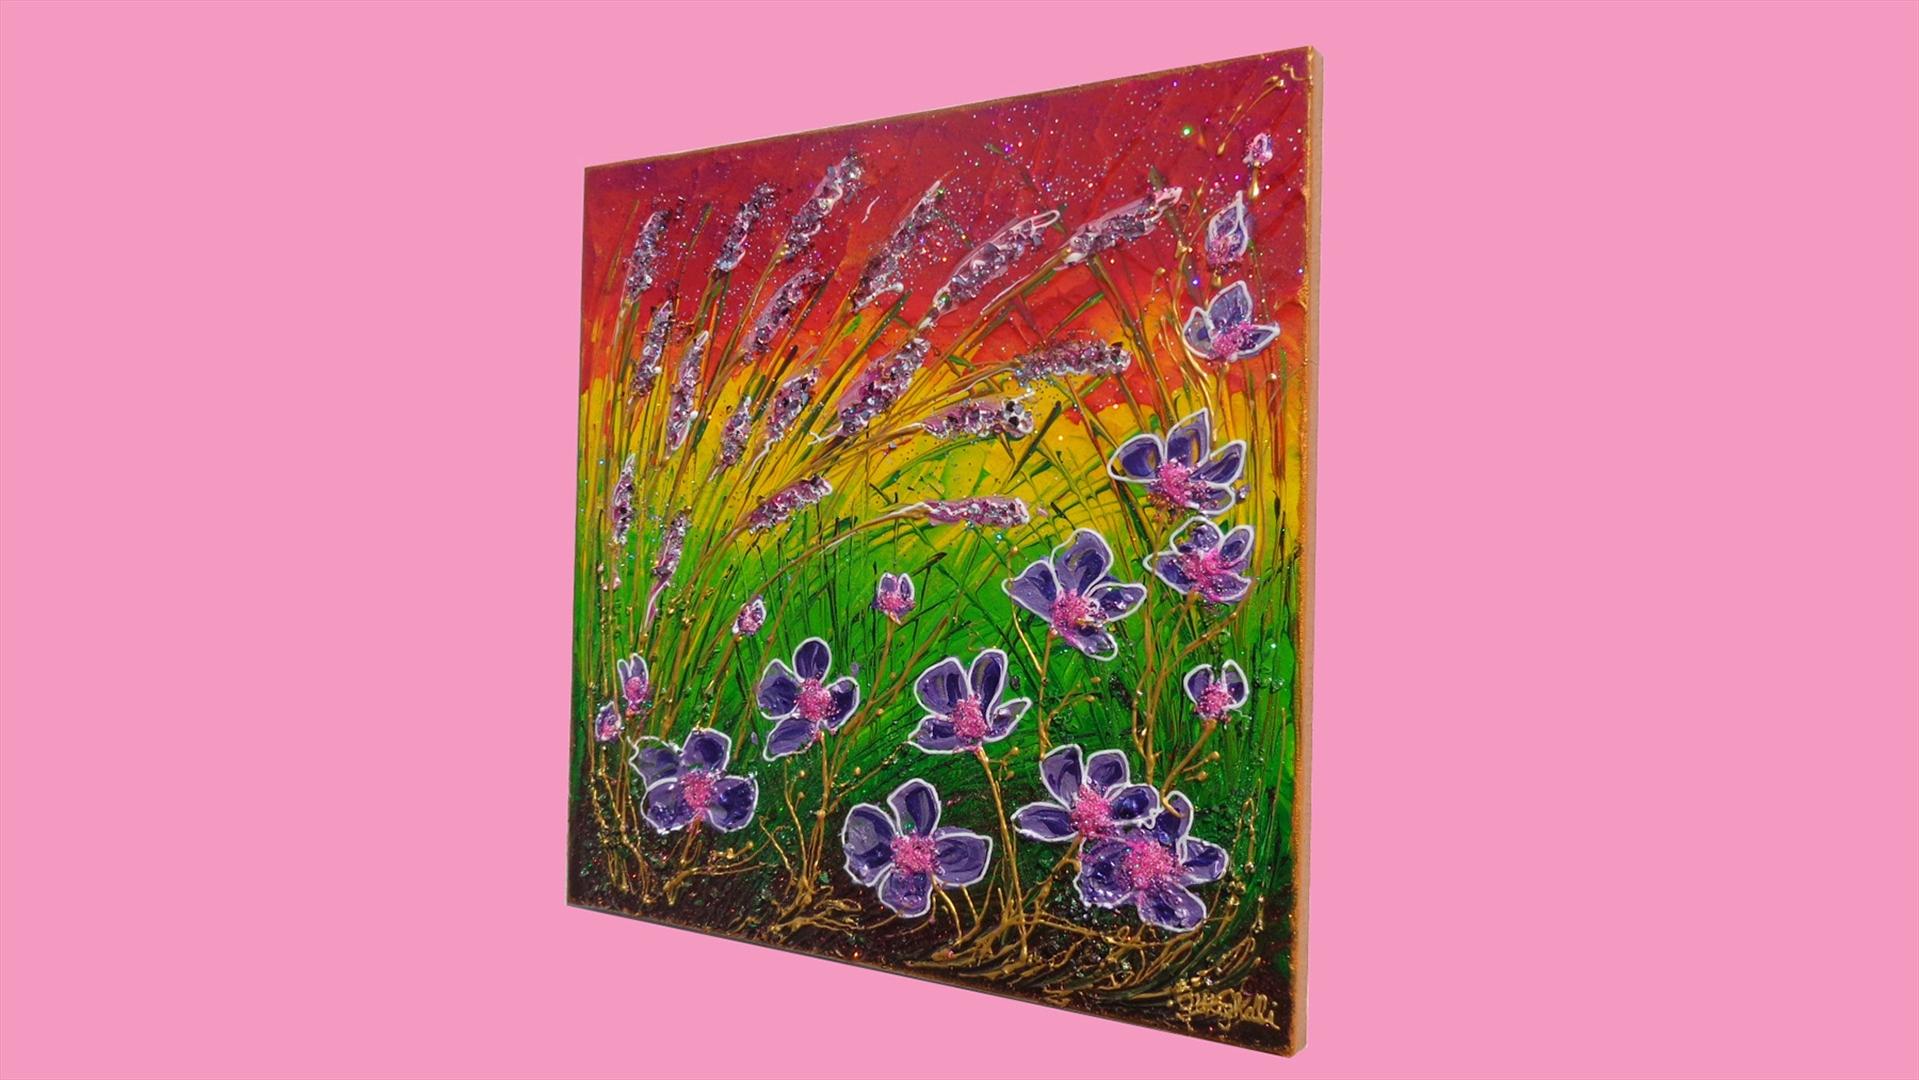 Spighe e fiori viola vendita quadri online quadri for Immagini quadri fiori